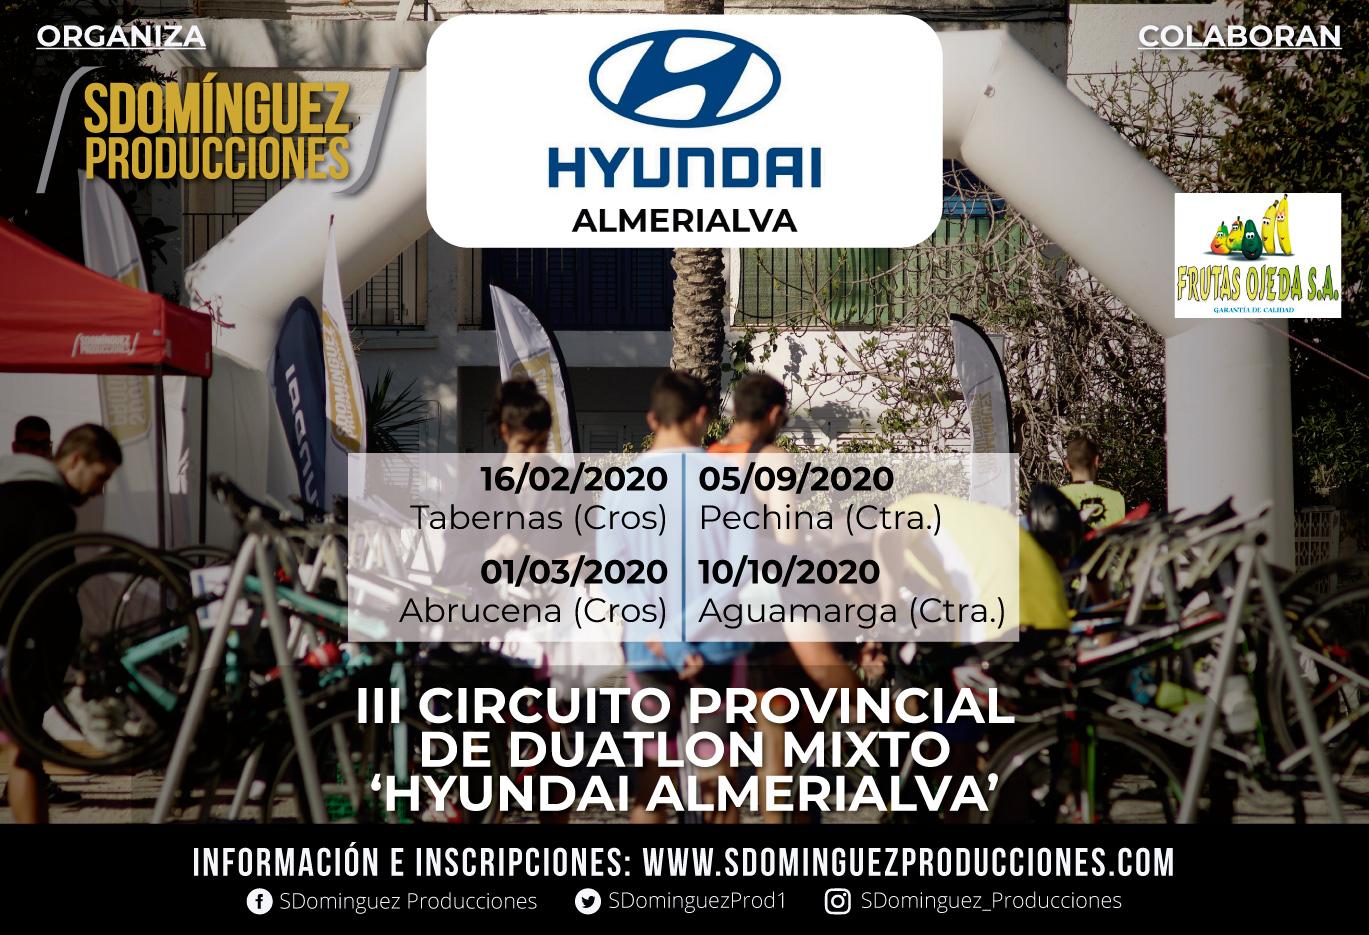 http://cronomur.es/assets/CAR_HYU.jpg